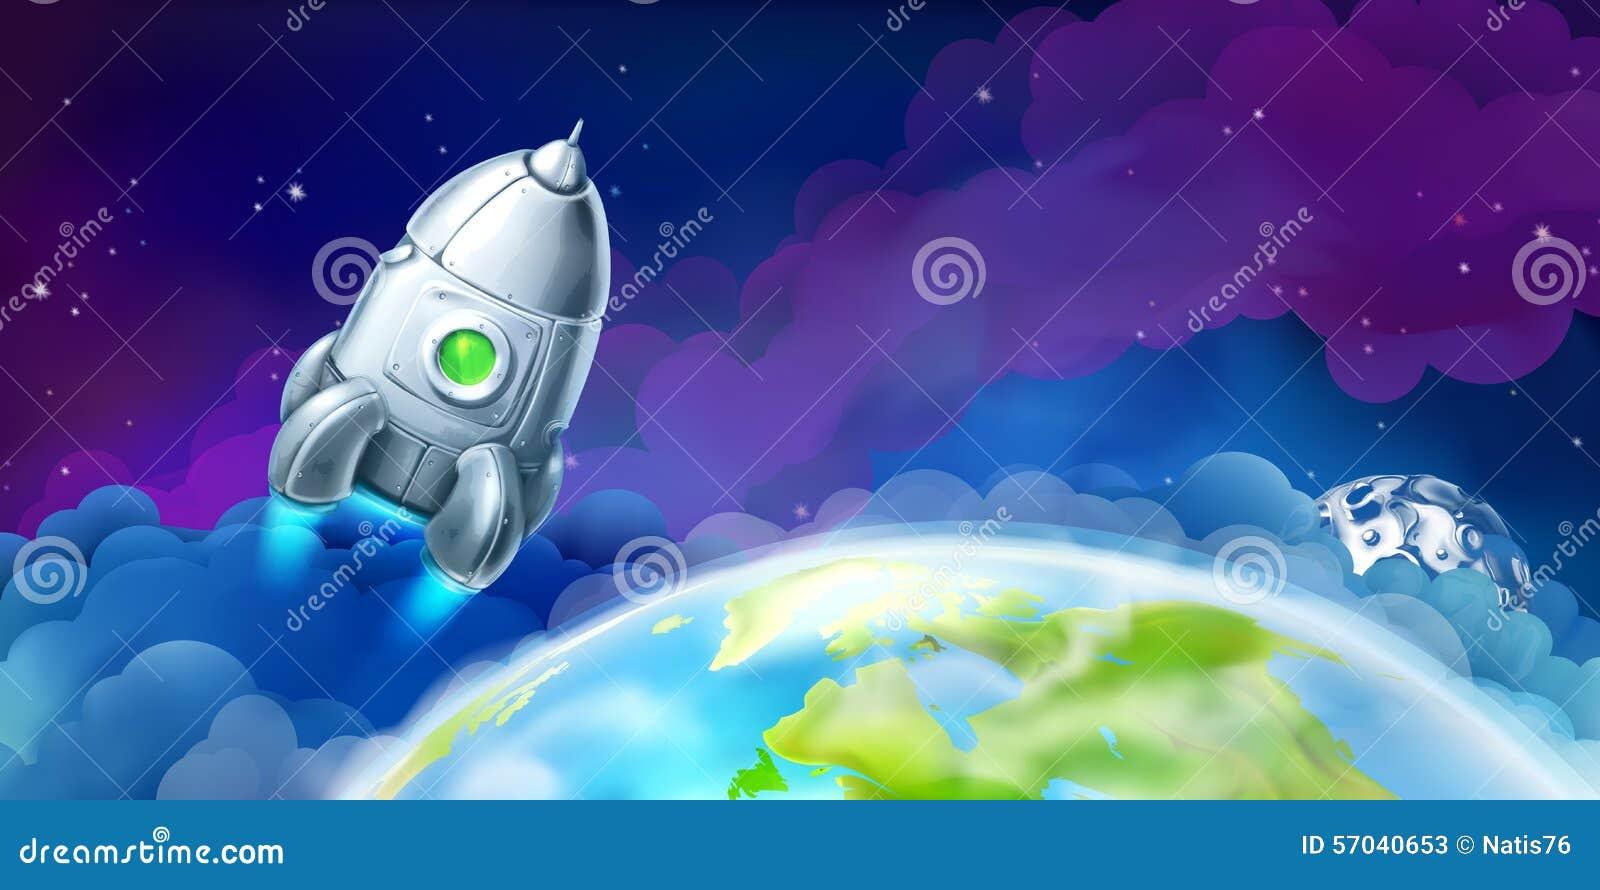 Vaivém espacial sobre a terra